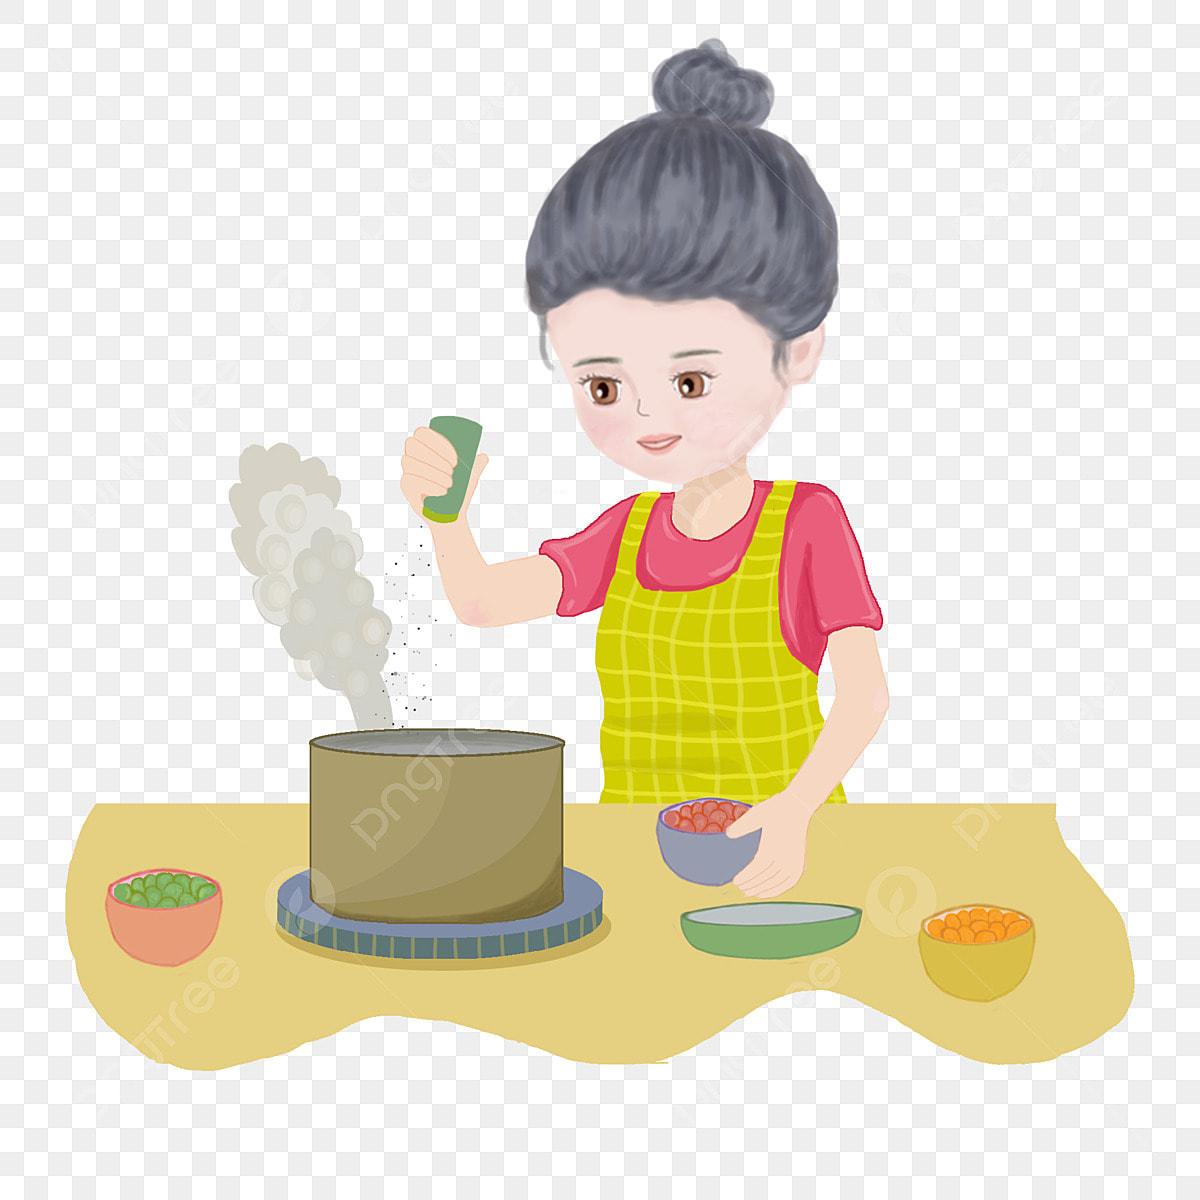 Gambar Tangan Kartun Ditarik Ibu Hari Ibu Hari Wanita Di Ibu Memasak Di Dapur Ibu Png Dan Psd Untuk Muat Turun Percuma